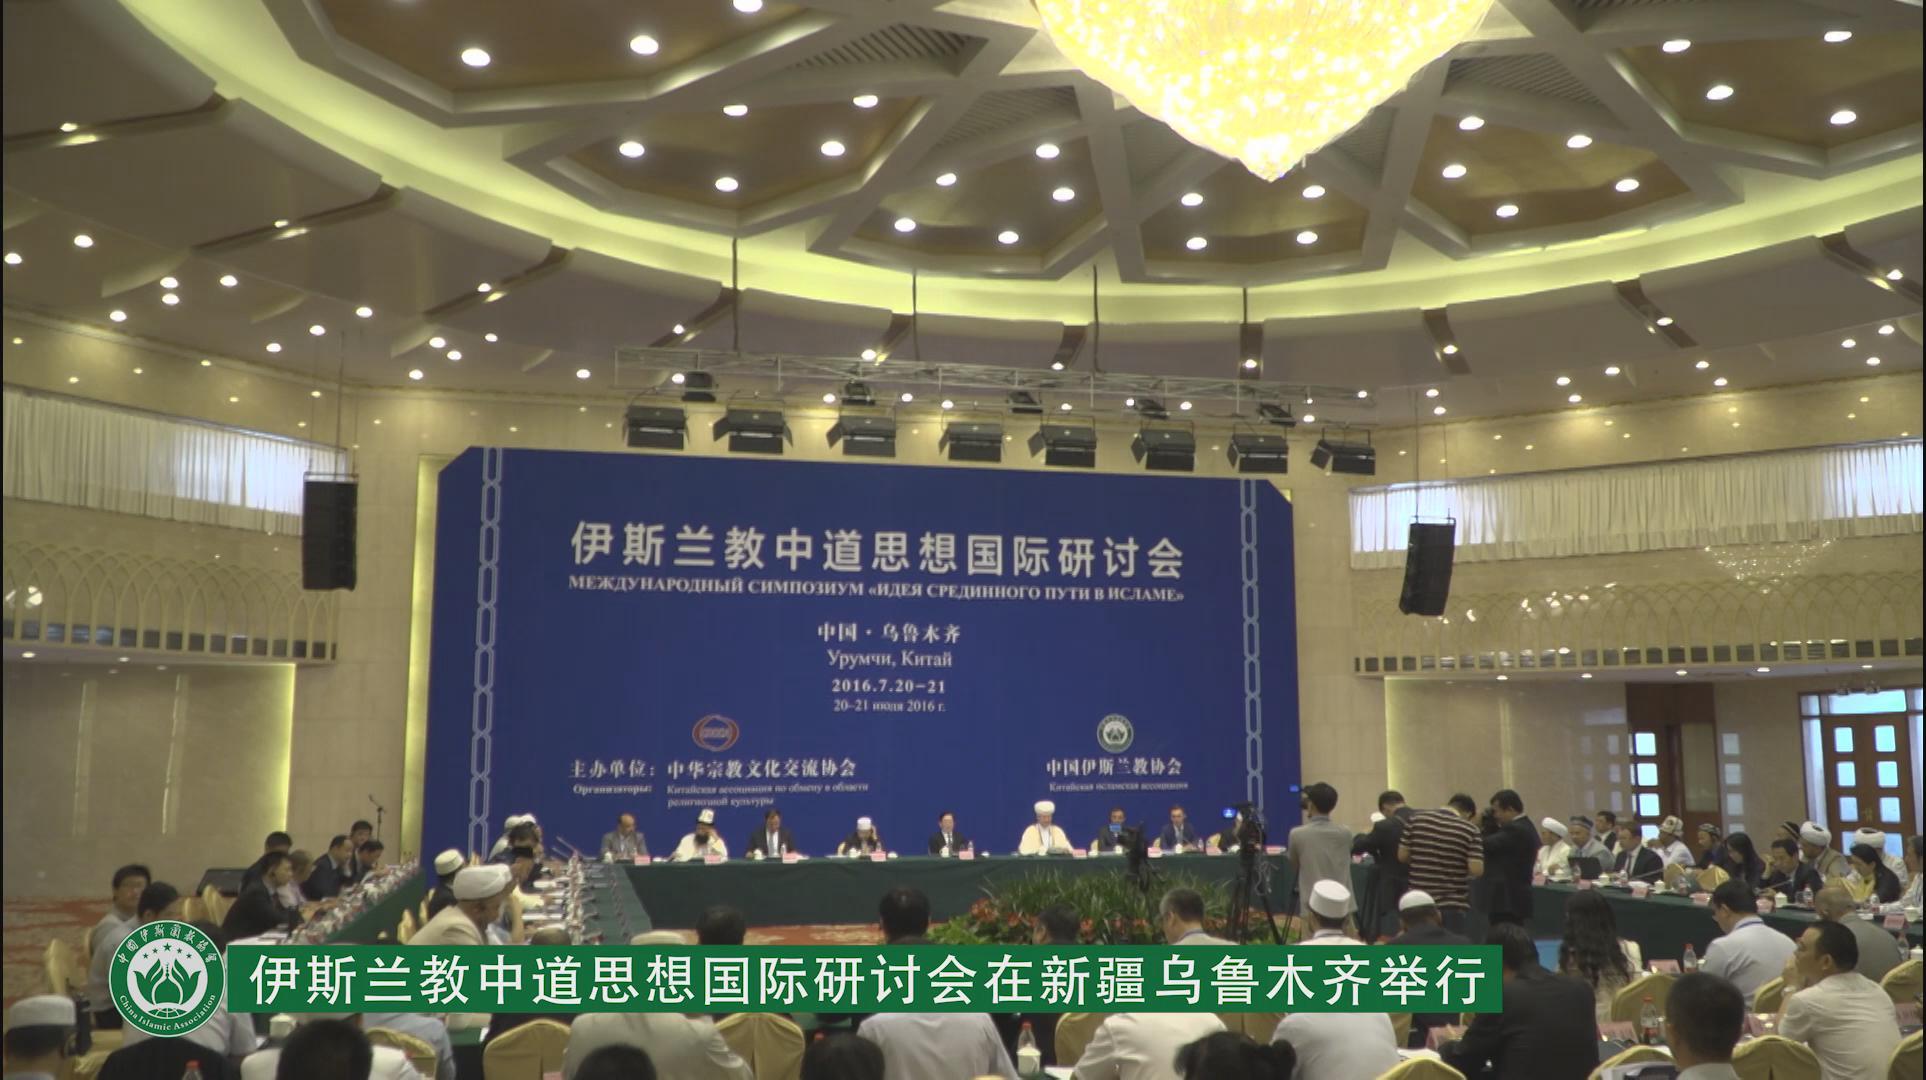 伊斯兰教中道思想国际研讨会在新疆乌鲁木齐举行